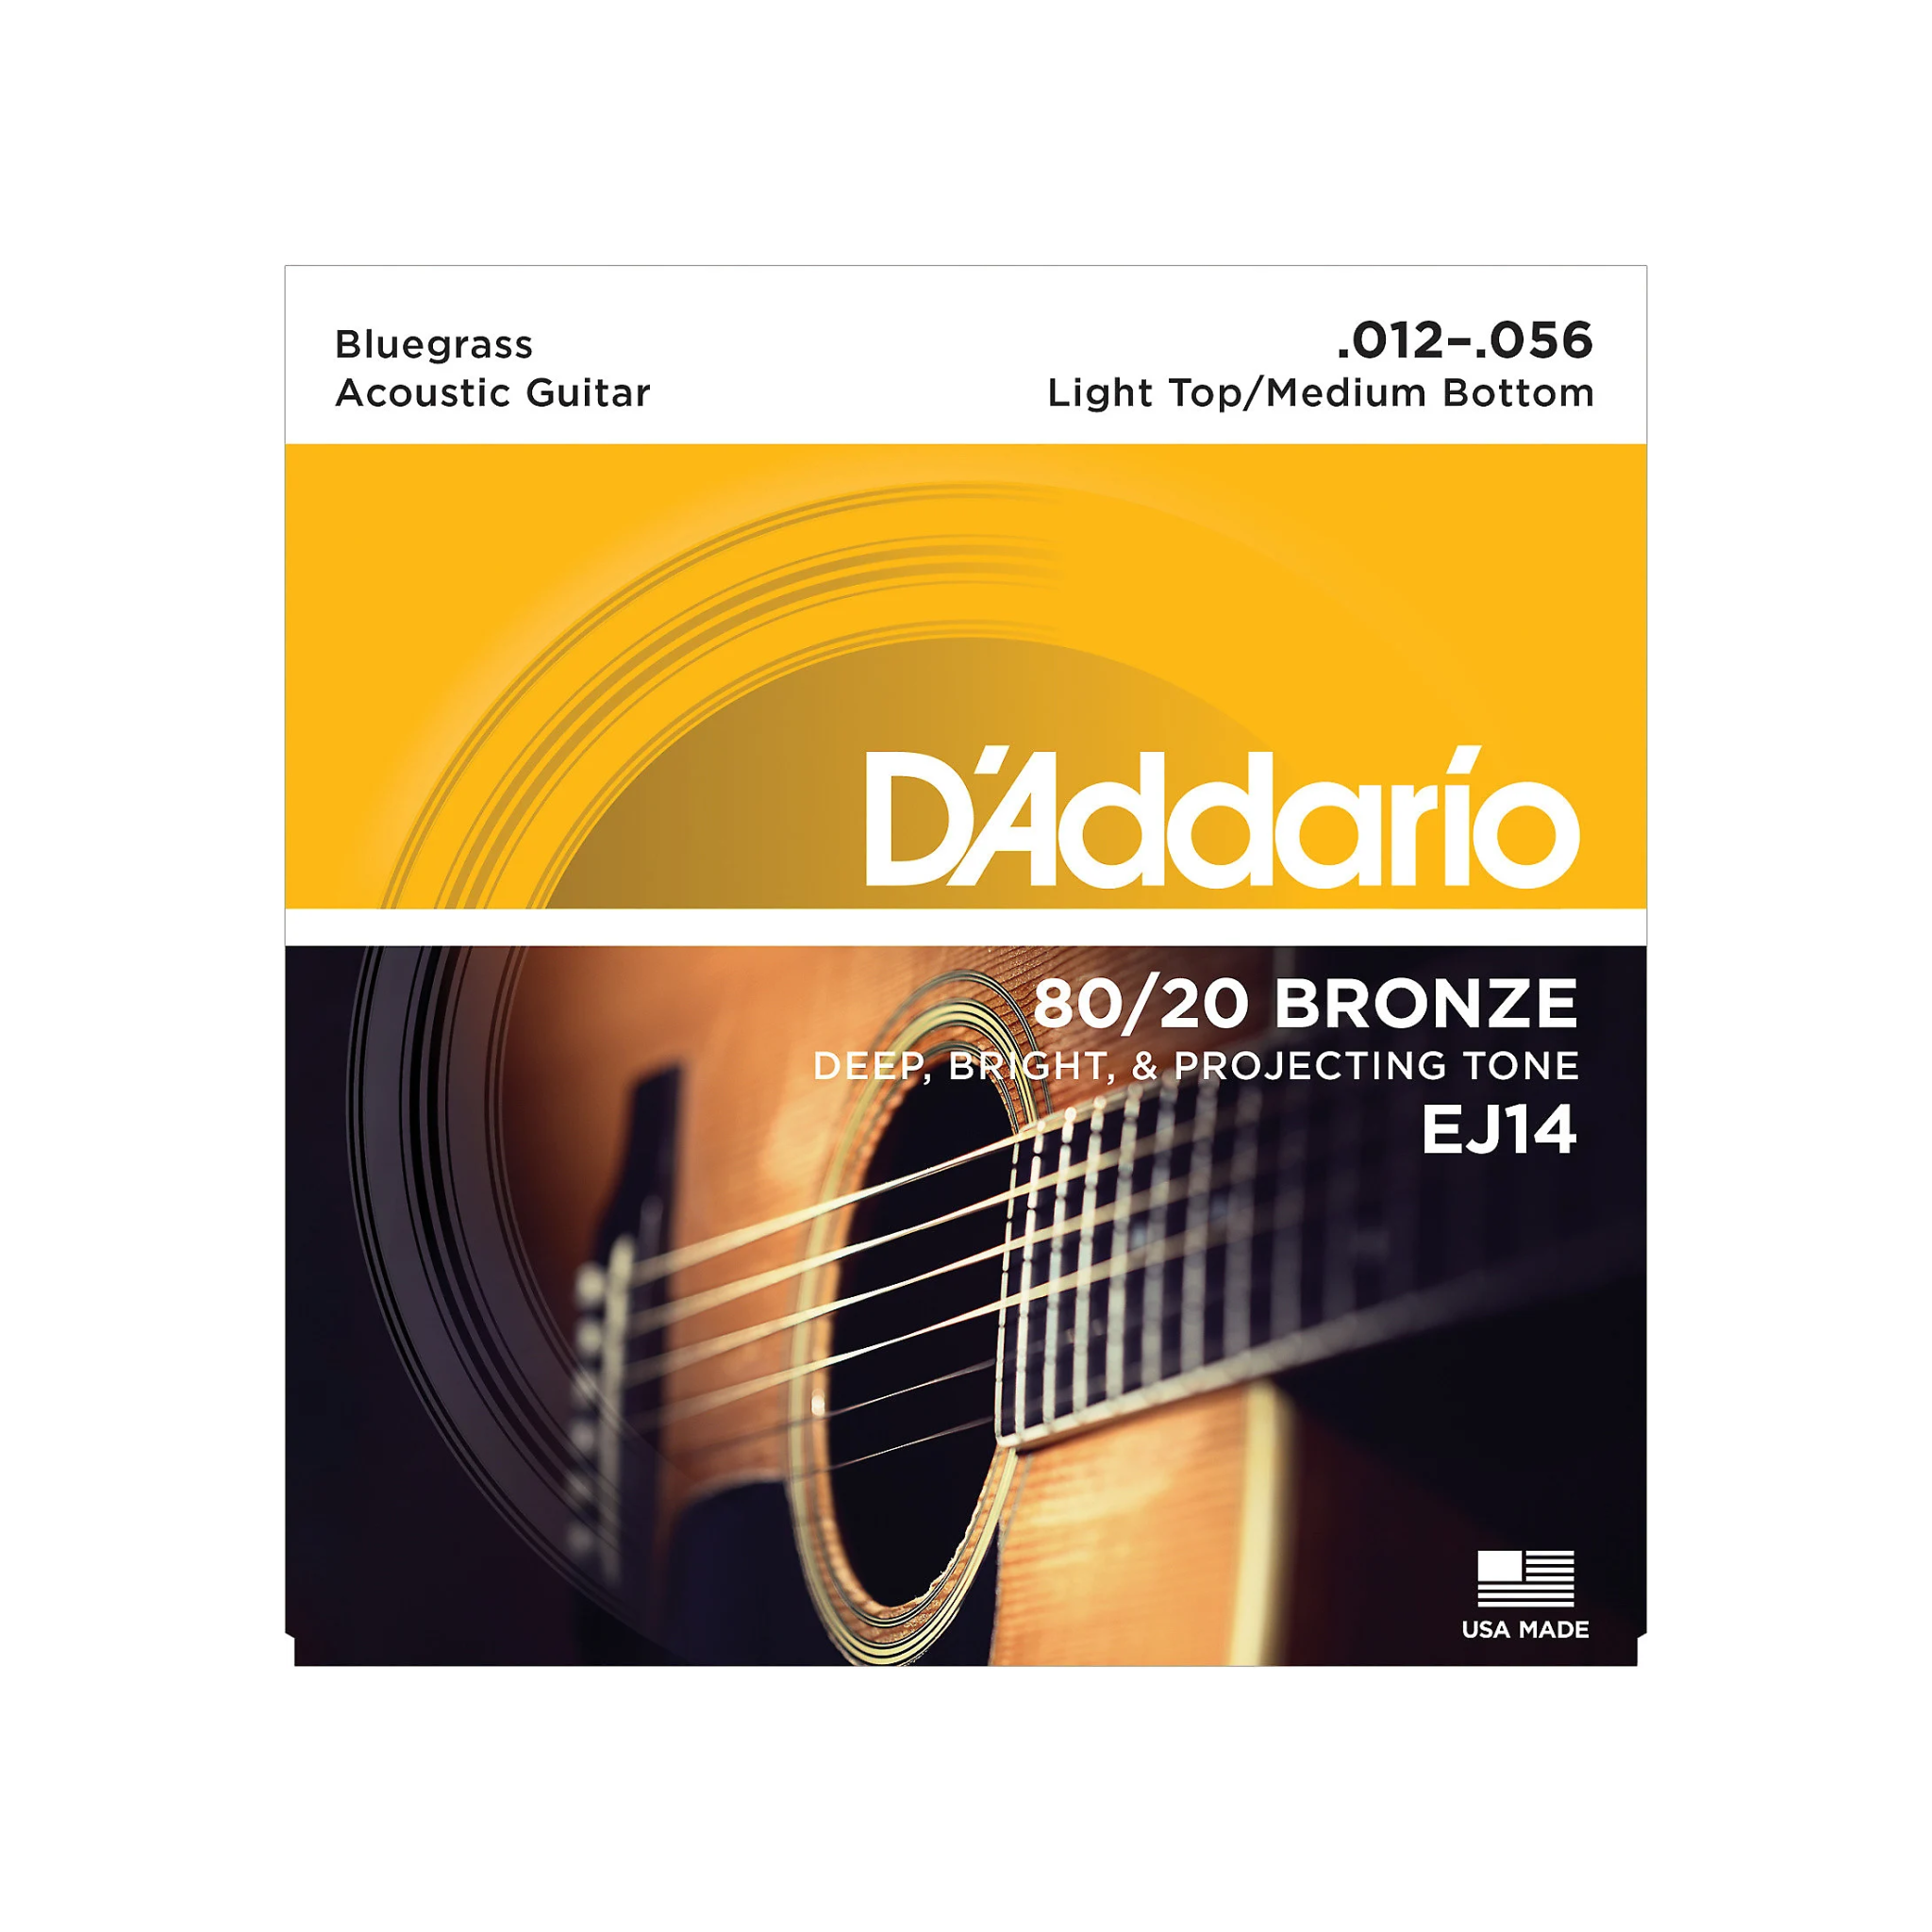 D'Addario NEW D'Addario EJ14 80/20 Acoustic Strings - Light Top Medium Bottom - .012-.056